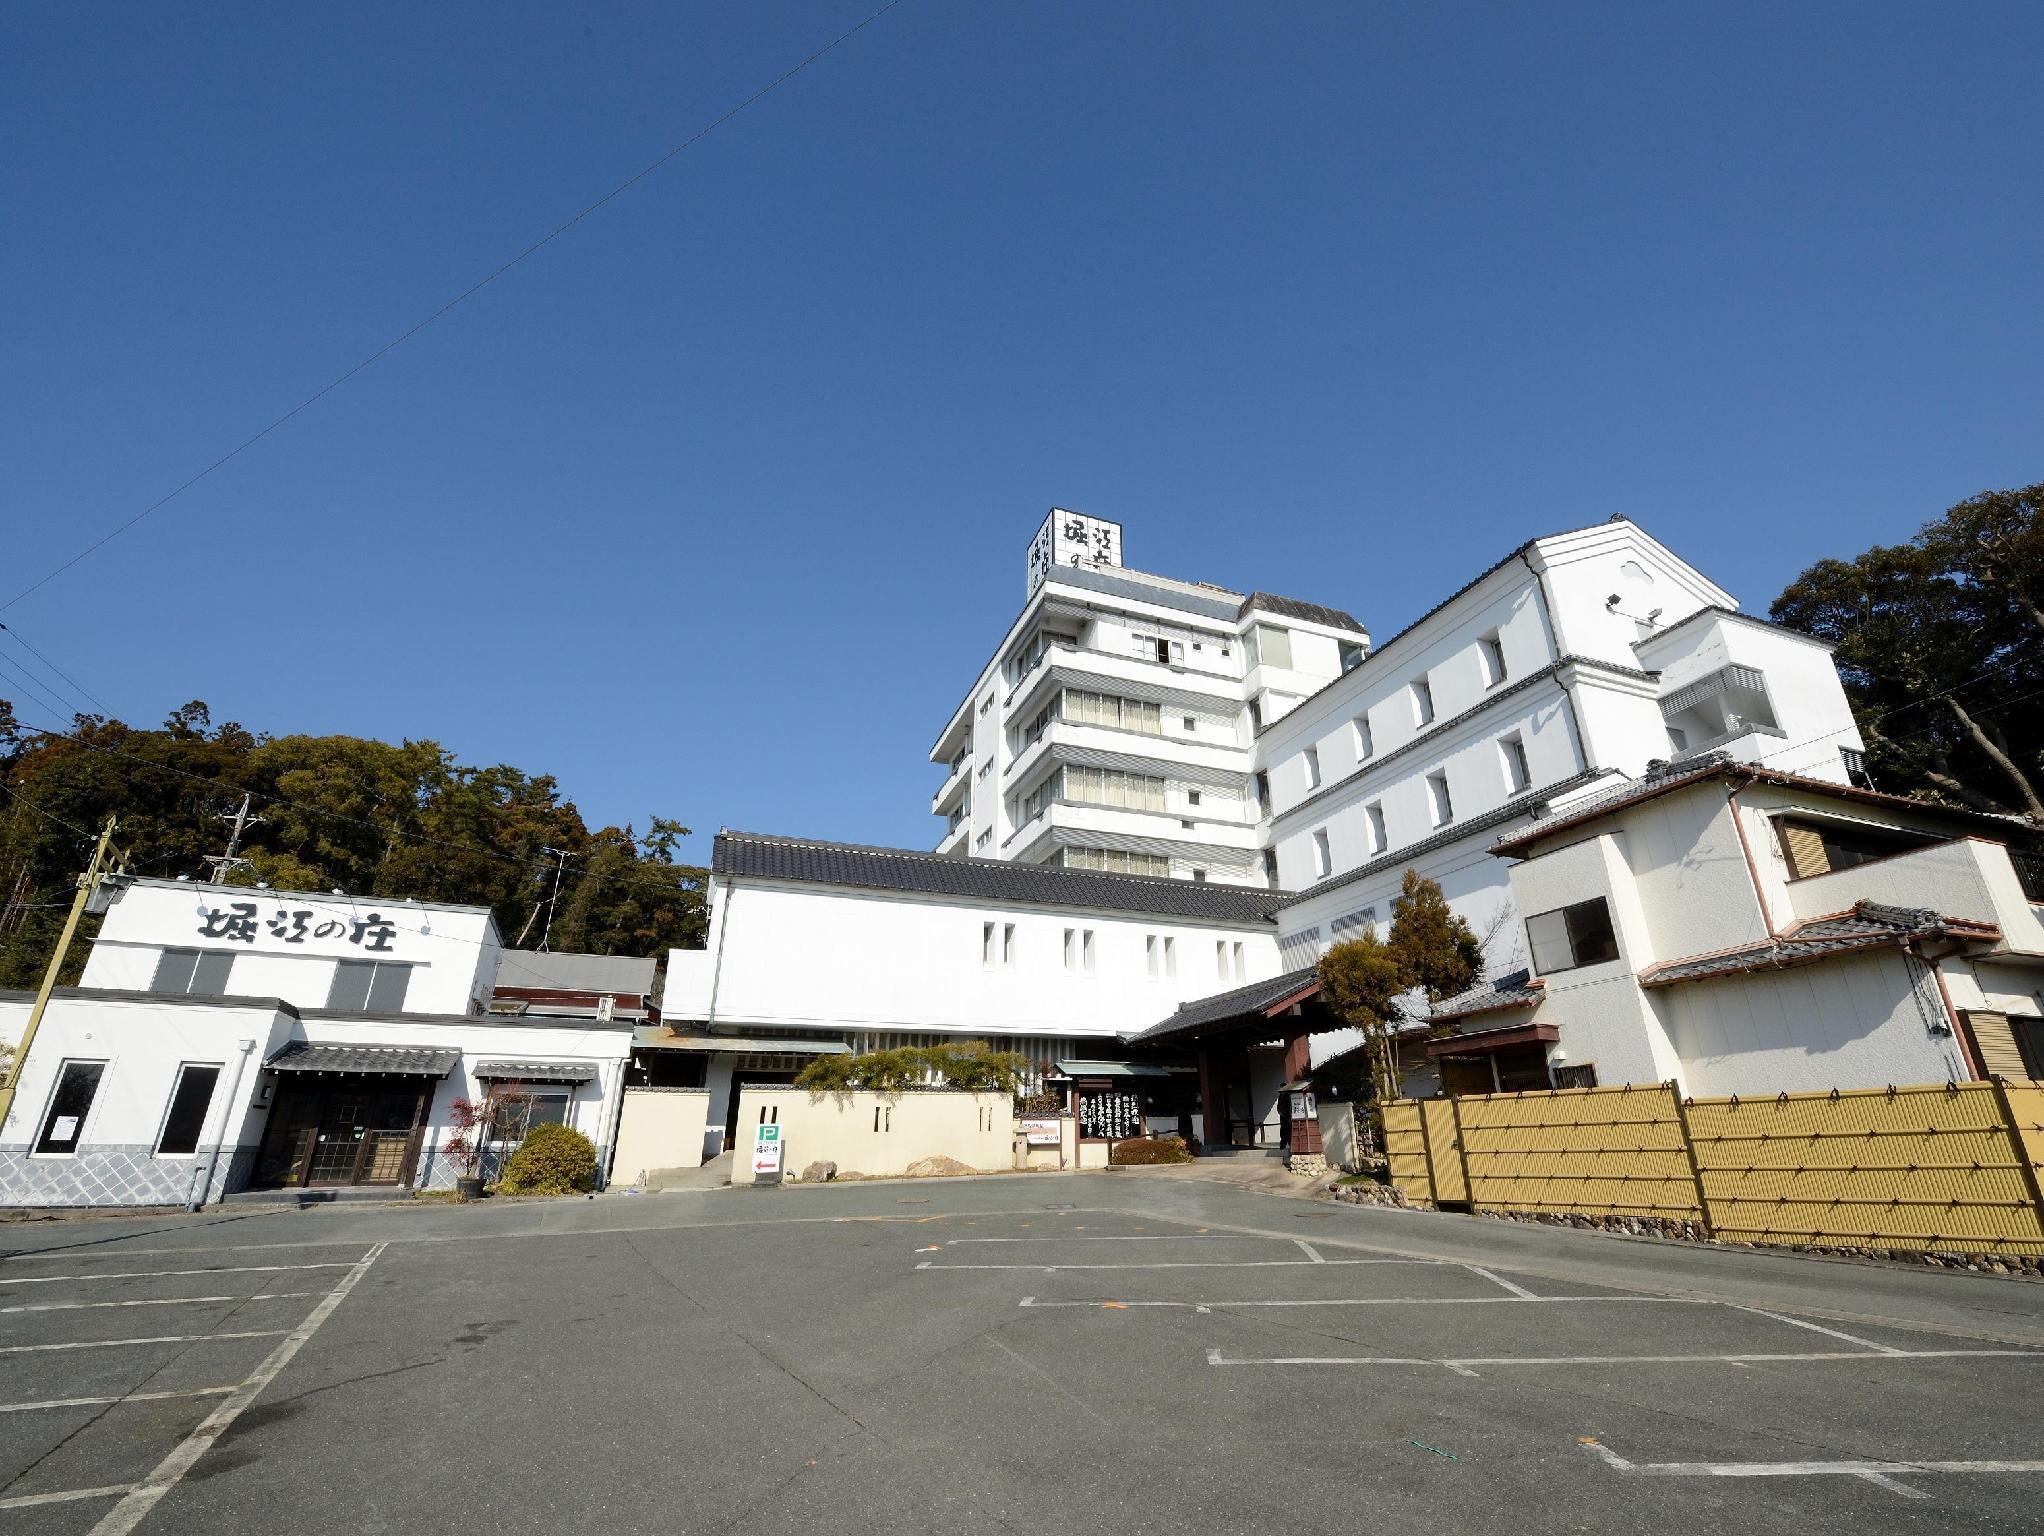 Horie no Sho, Hamamatsu